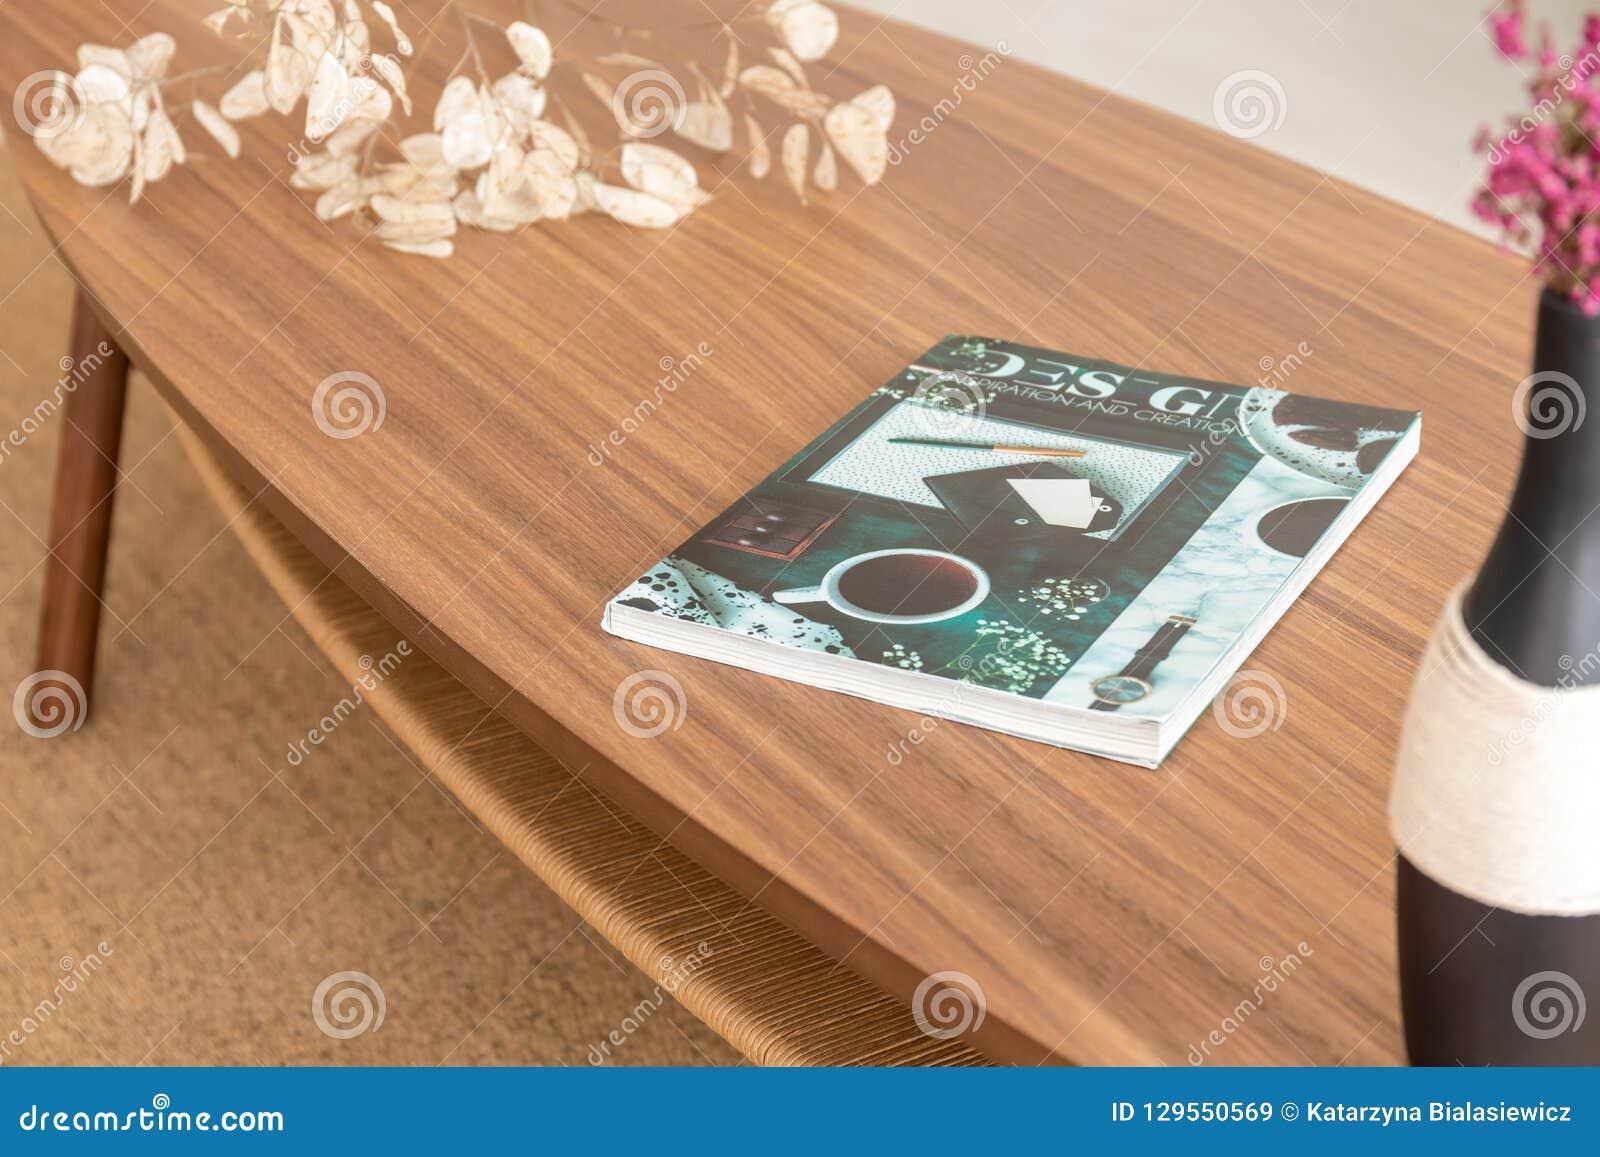 Bunte Zeitschrift auf dem Holztisch im stilvollen Wohnzimmer der modernen Wohnung